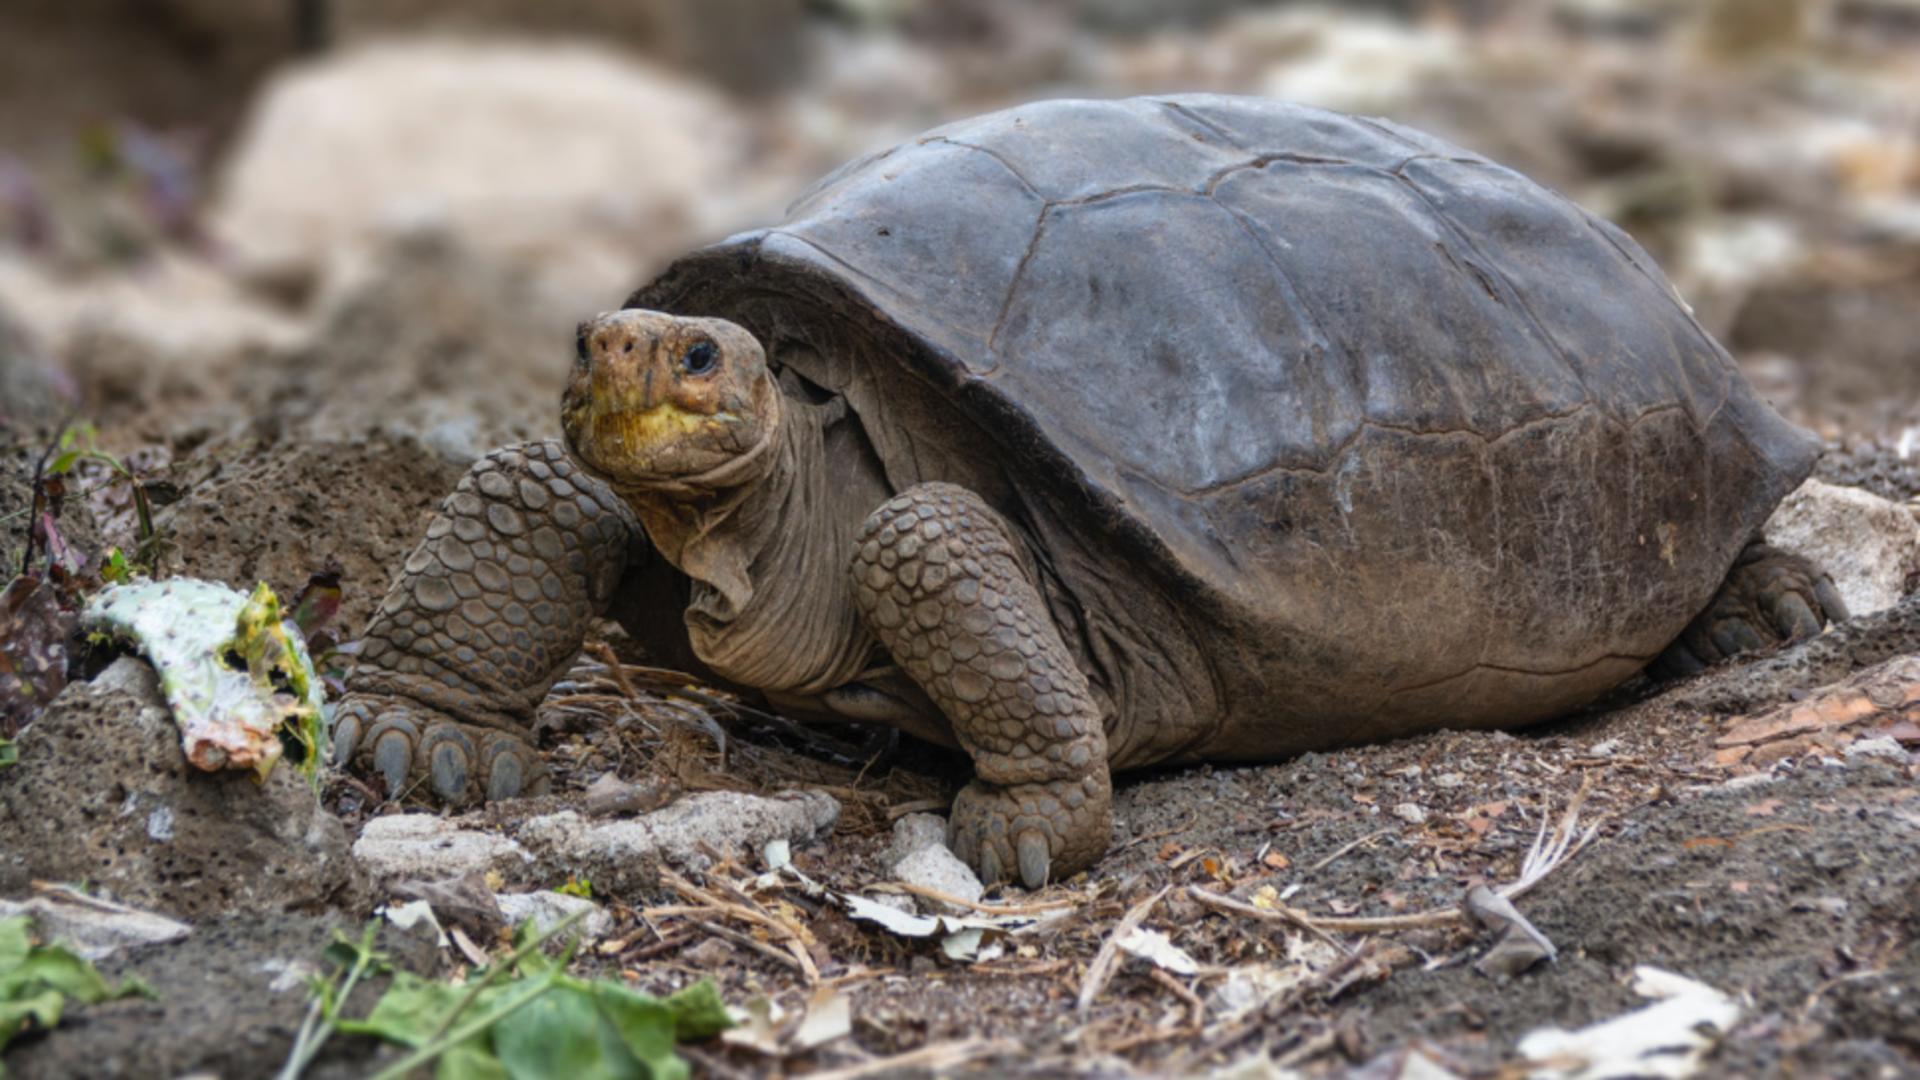 Țestoasă gigant/ Foto: Twitter  Gustavo Marique